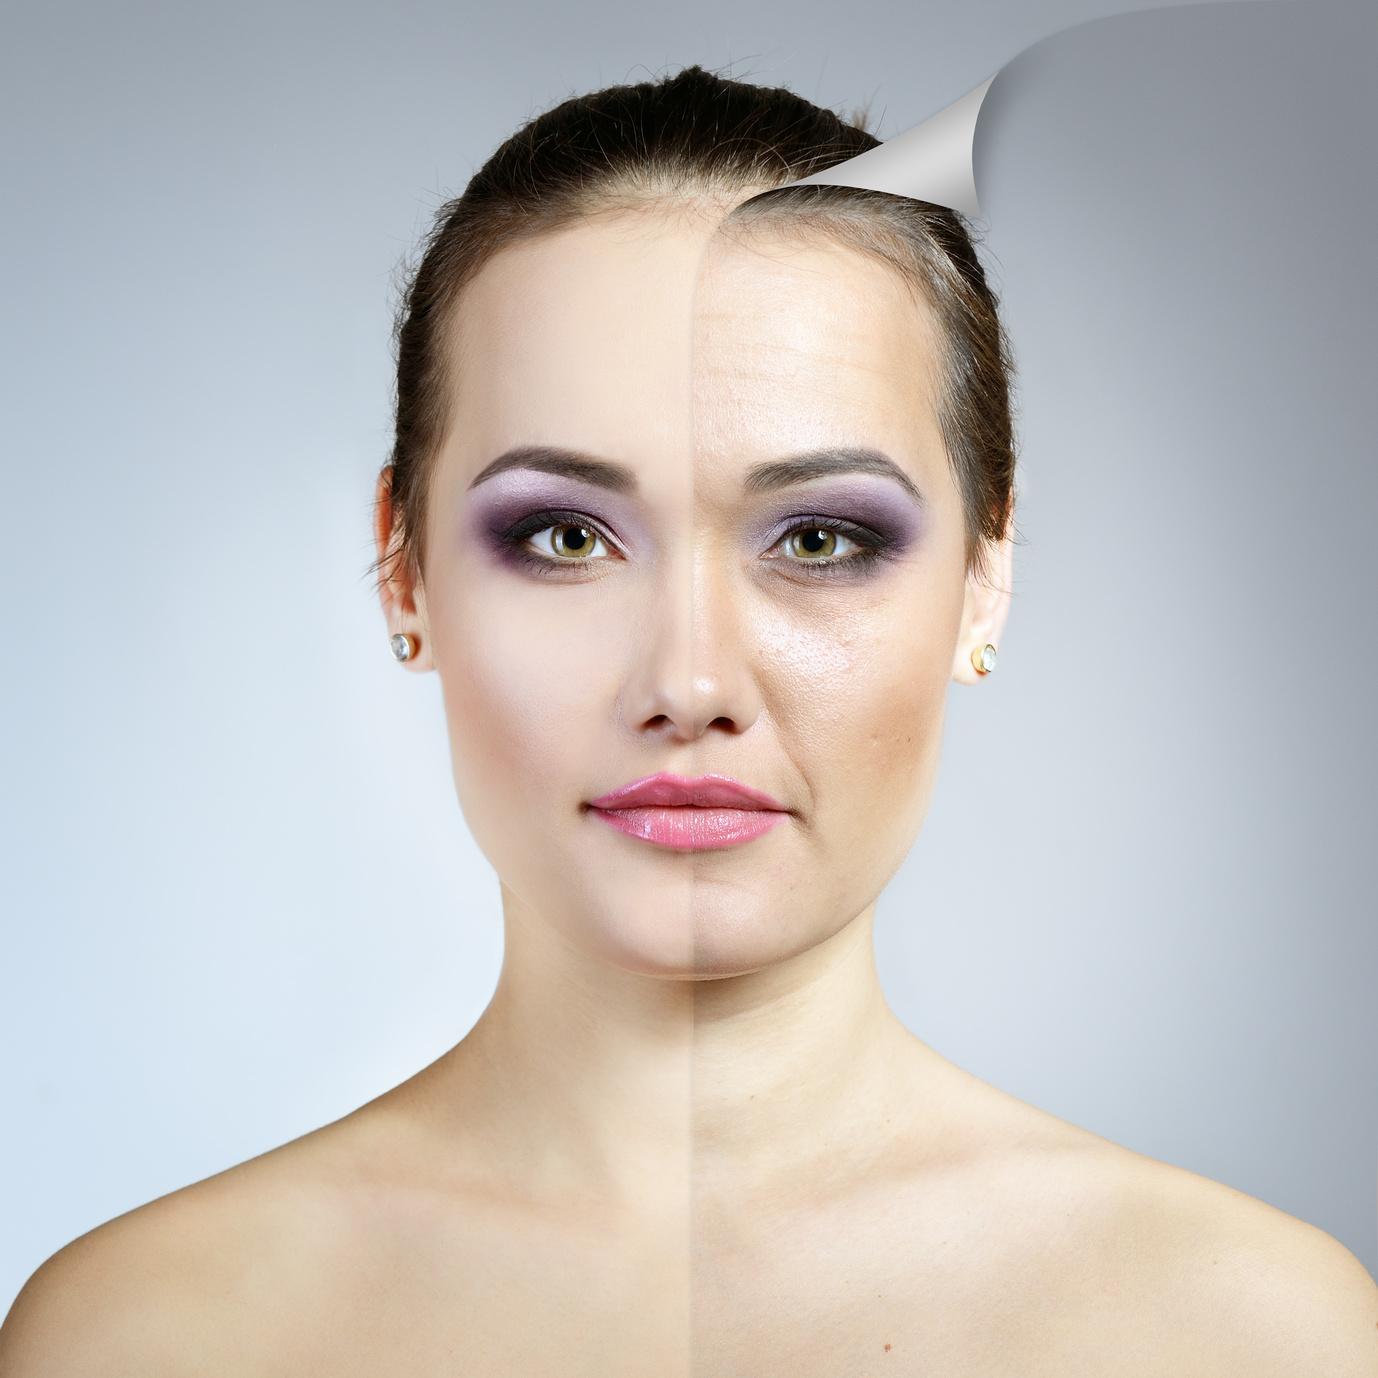 Gli effetti dell'invecchiamento sulla pelle sono evidenti. Ecco le cause